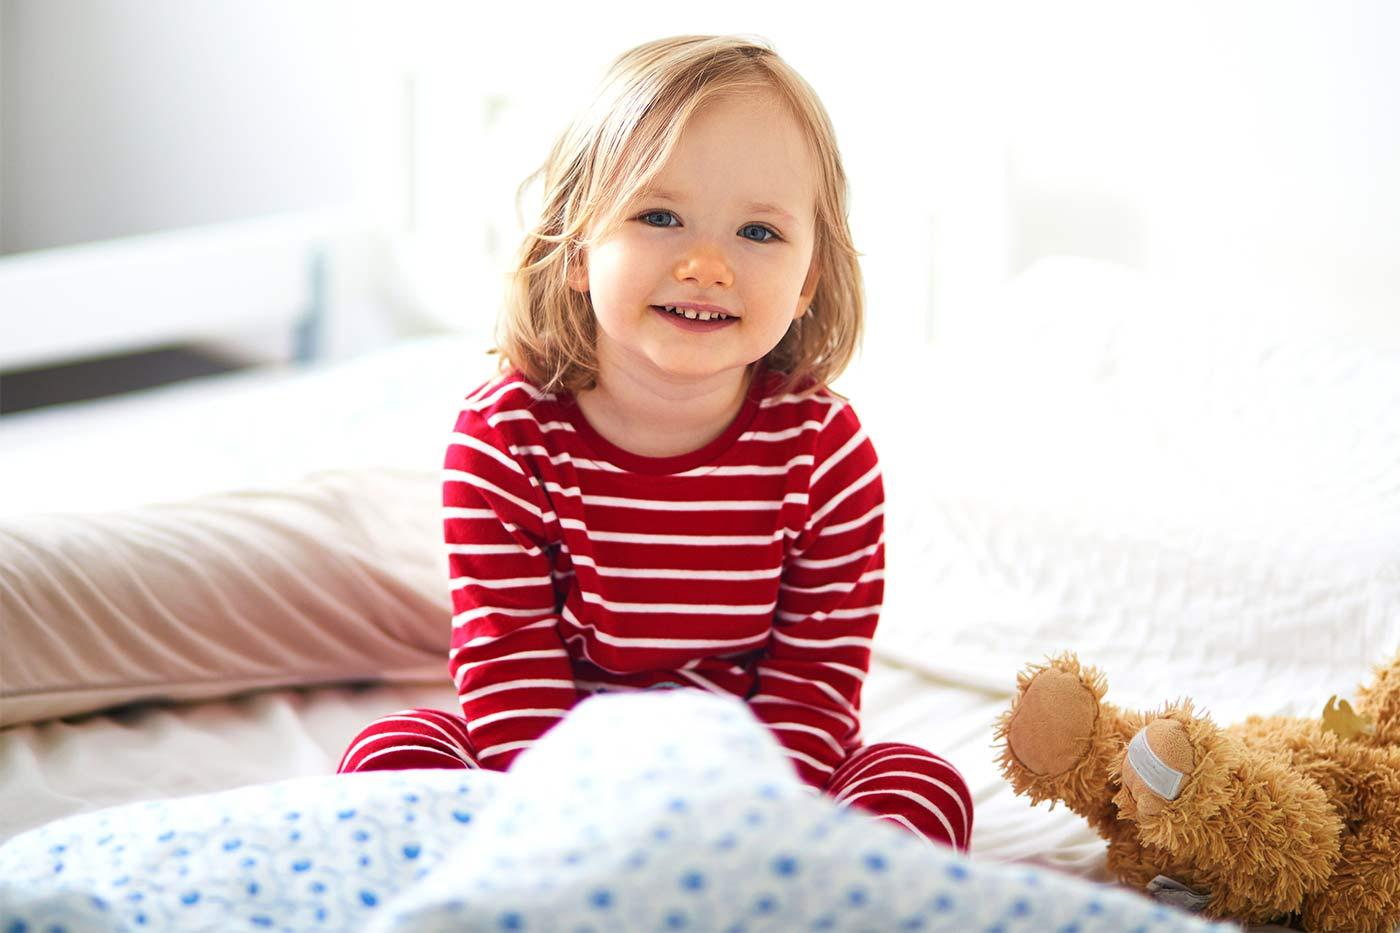 How to Make Bedtime Easier